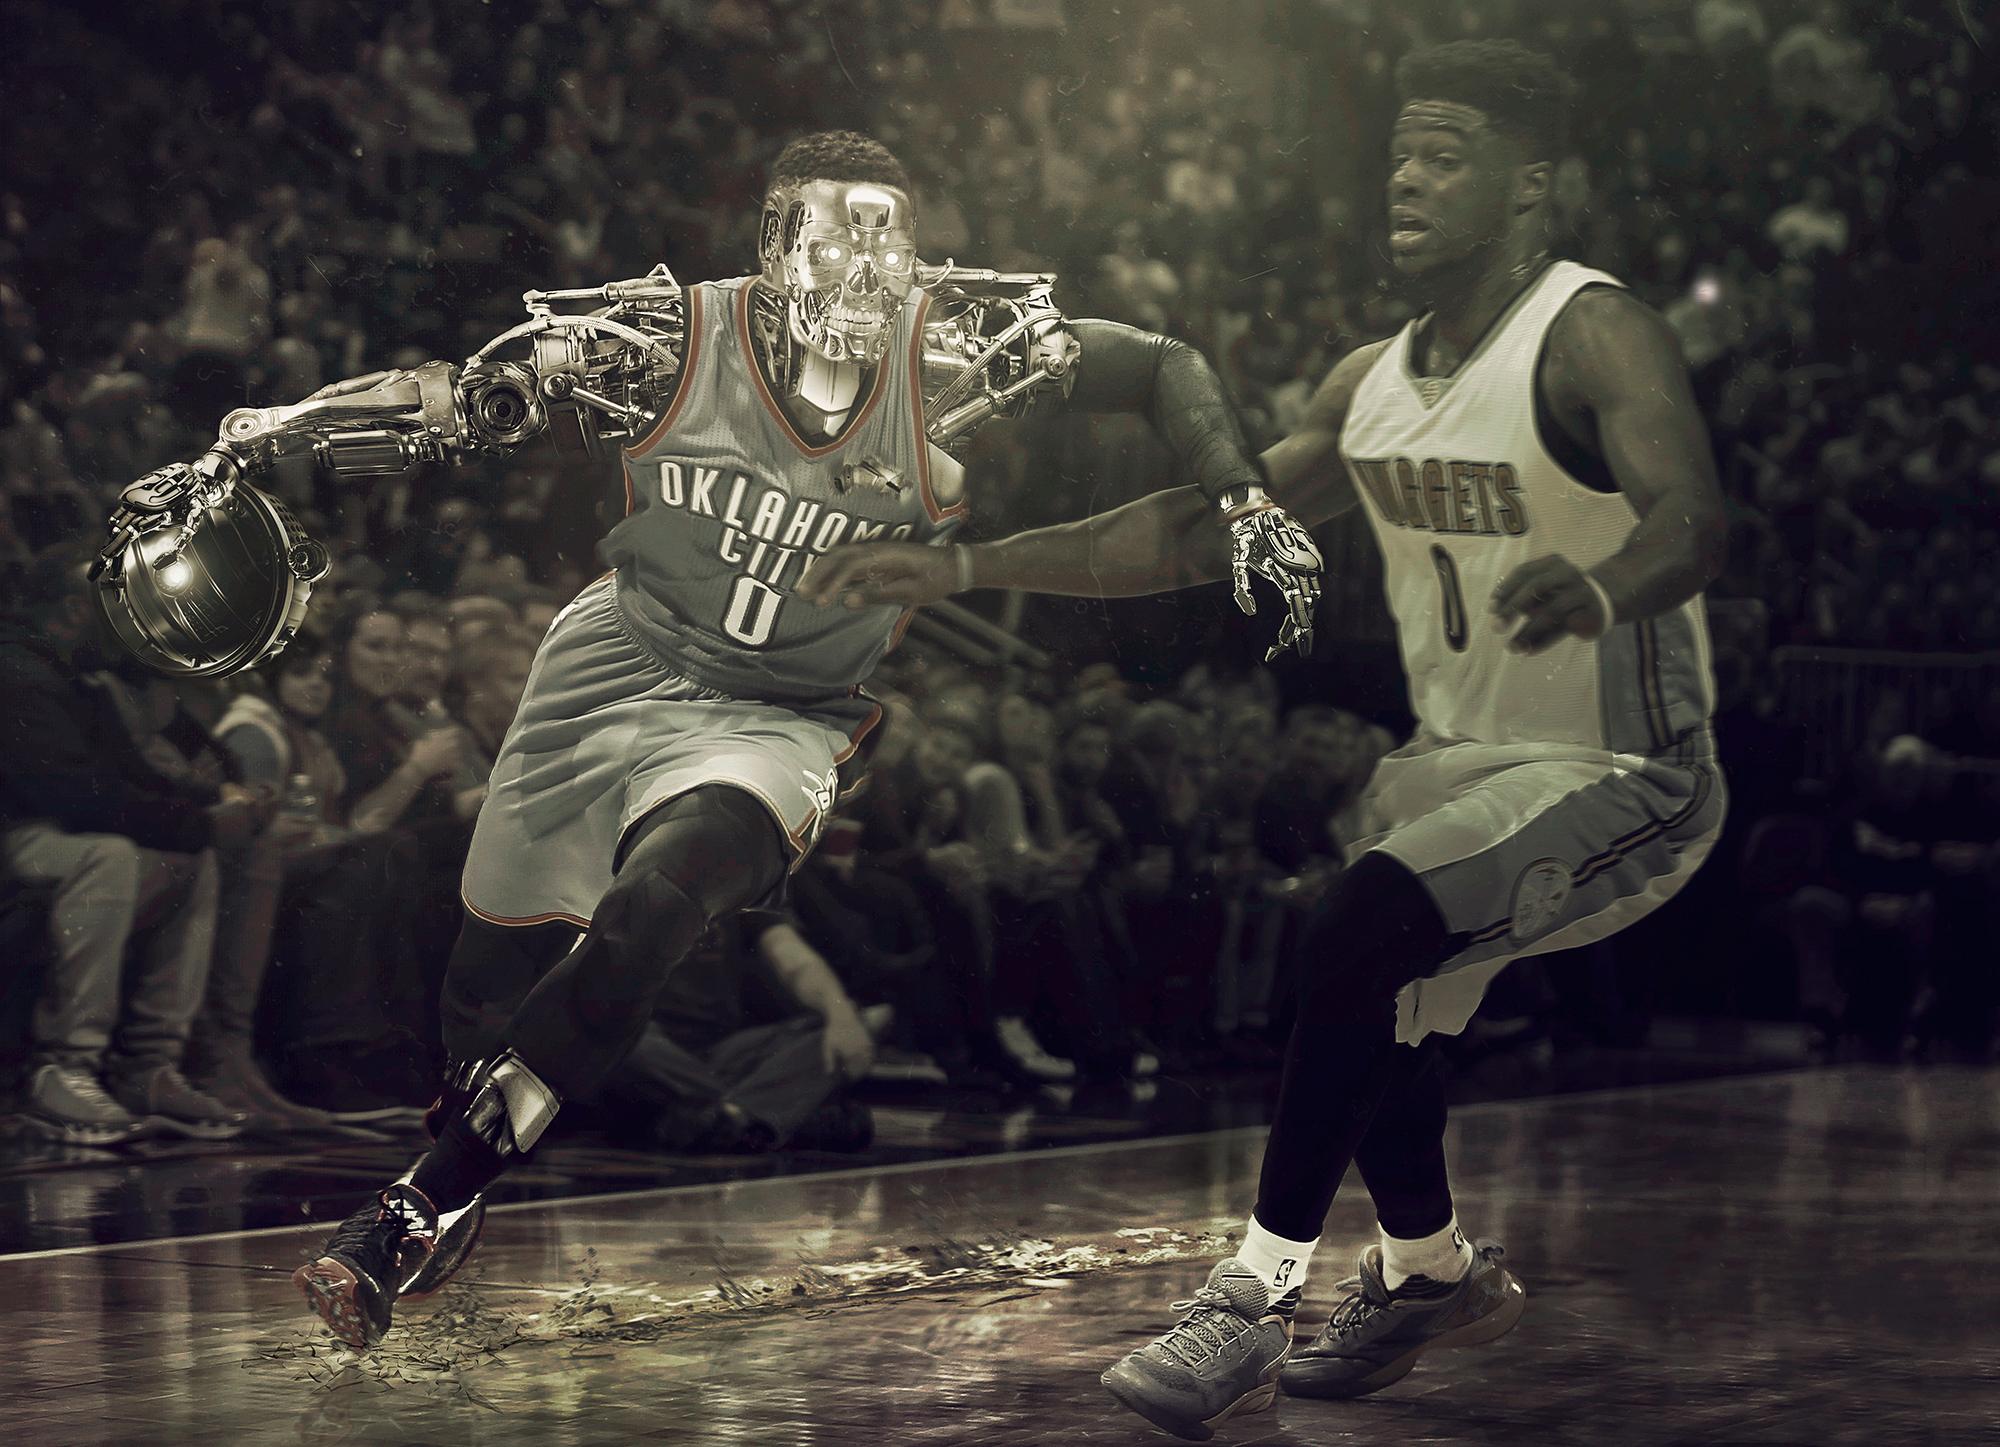 """Russell Westbrooki kujutati tema MVP hooaja vältel levinud internetimeemides kui tulevikust lähetatud androidi filmist """"Terminaator II"""". Foto: fsxartwork (CC BY 4.0)"""